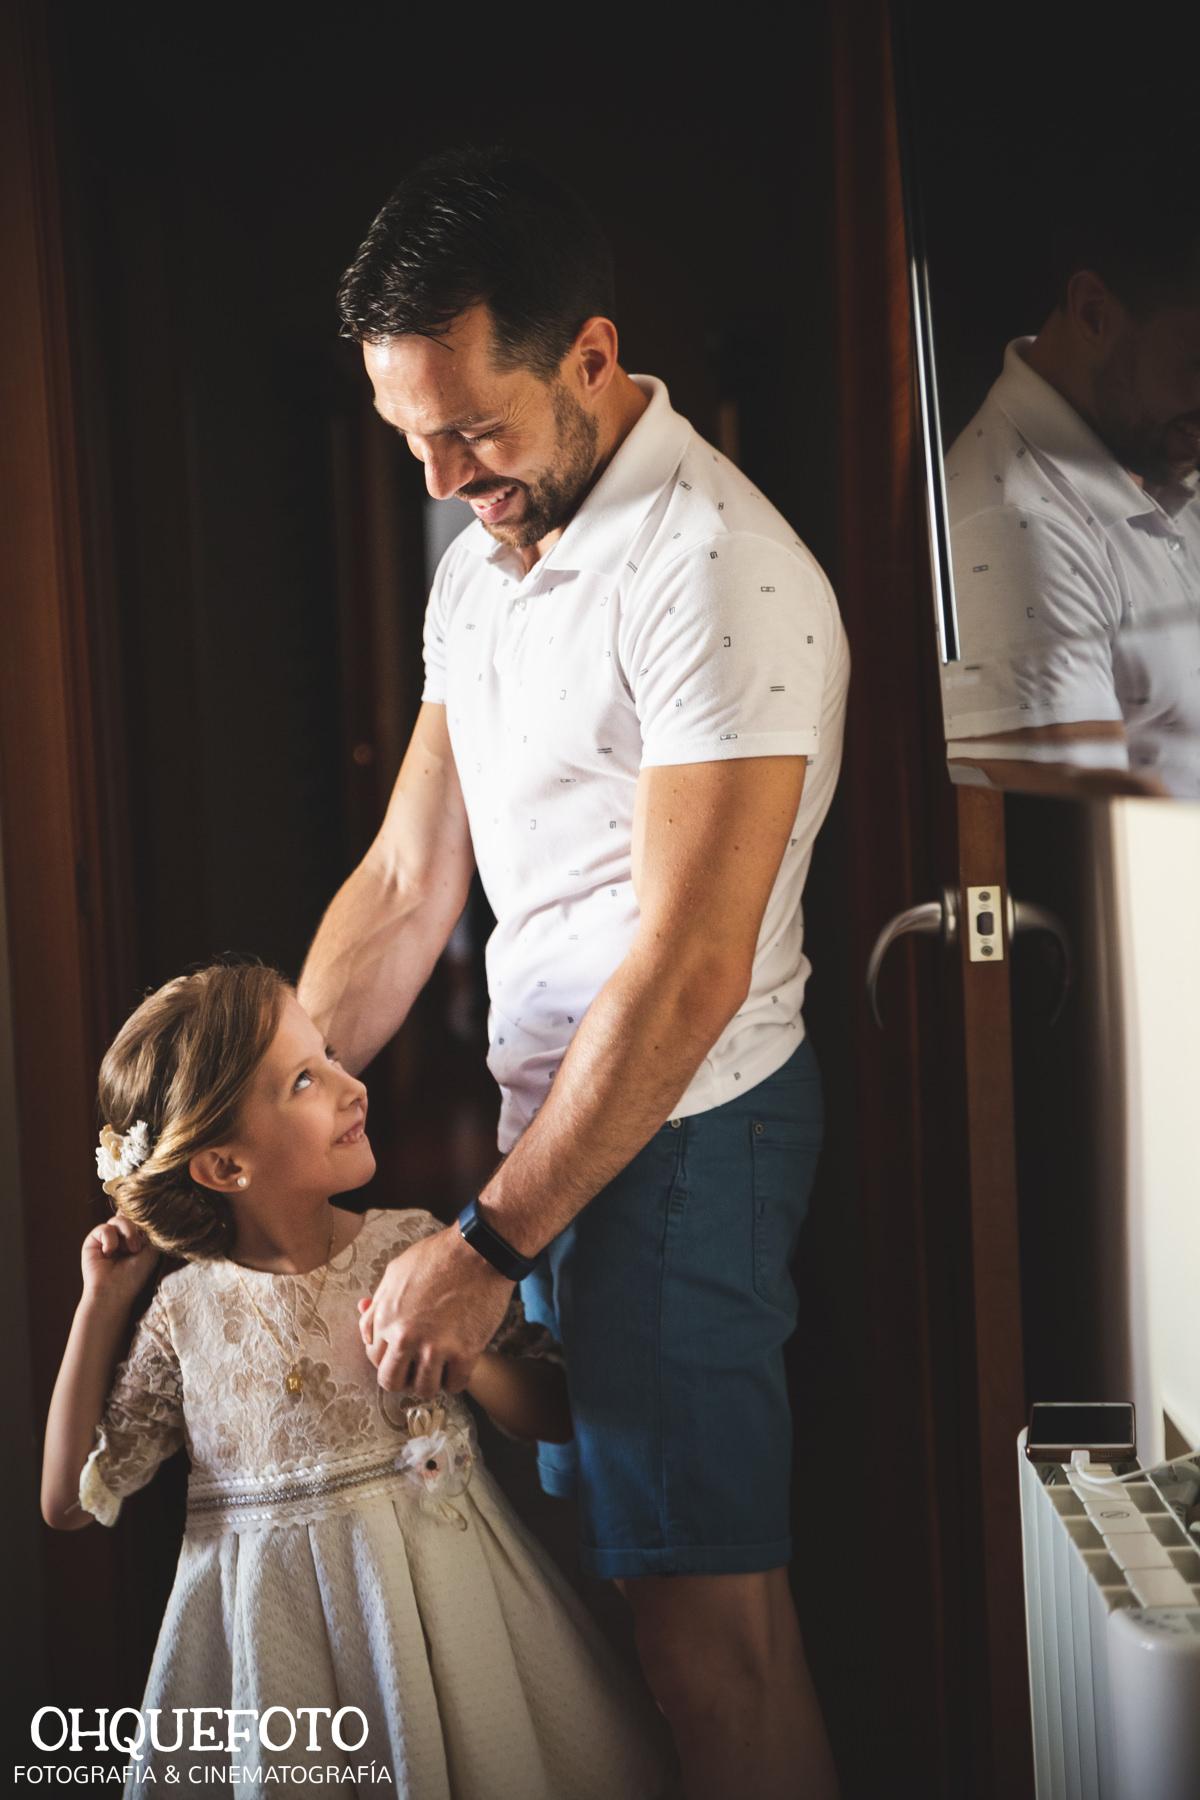 boda en la peraleda boda en cabeza del buey boda en capilla reportaje de bodas en almaden video de bodas en cordoba412 - Jose y Gema - Boda en Zarza Capilla y la Finca La Peraleda (Chillón)